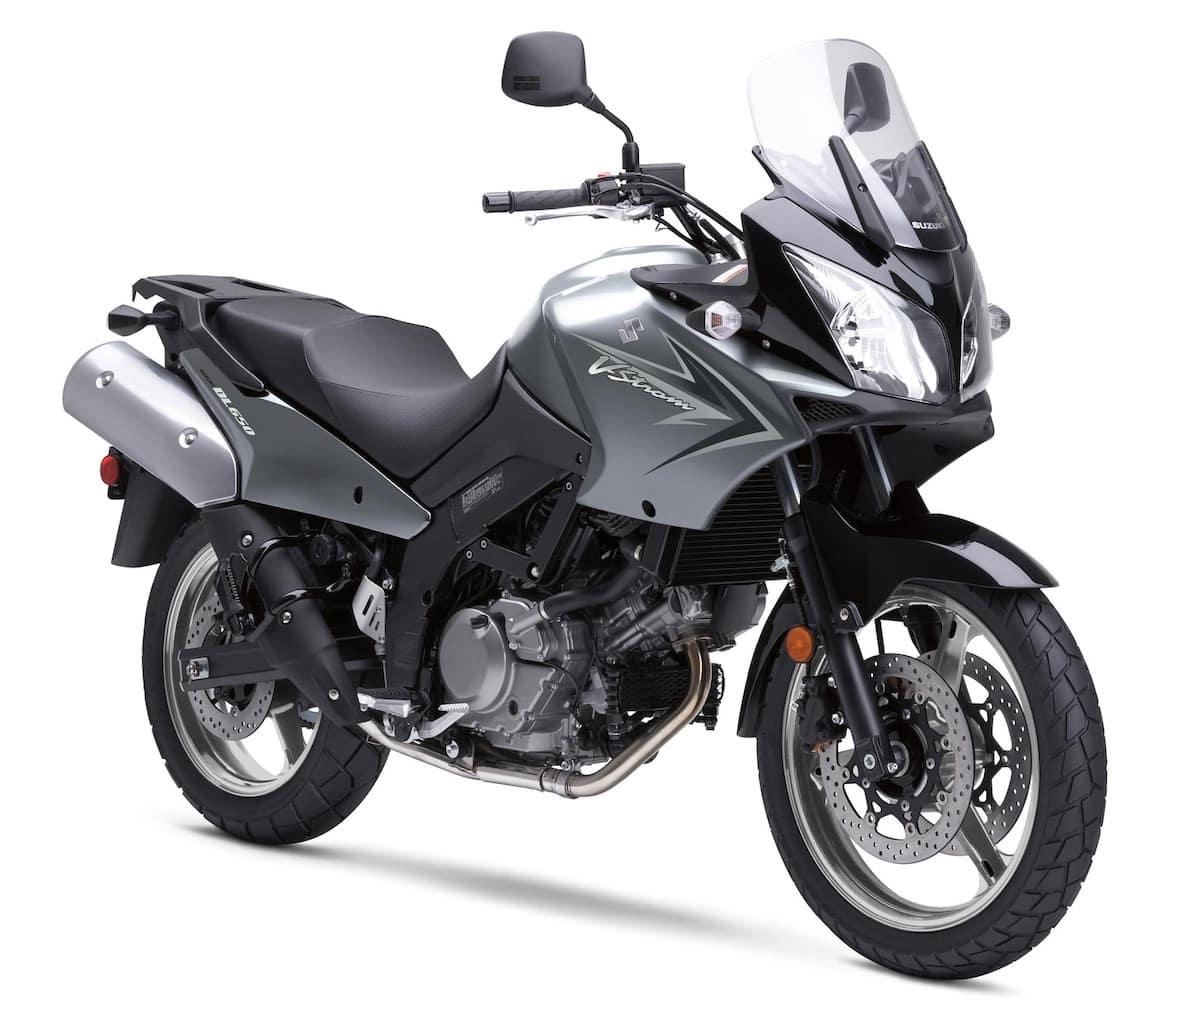 Suzuki SV650 Buying Guide